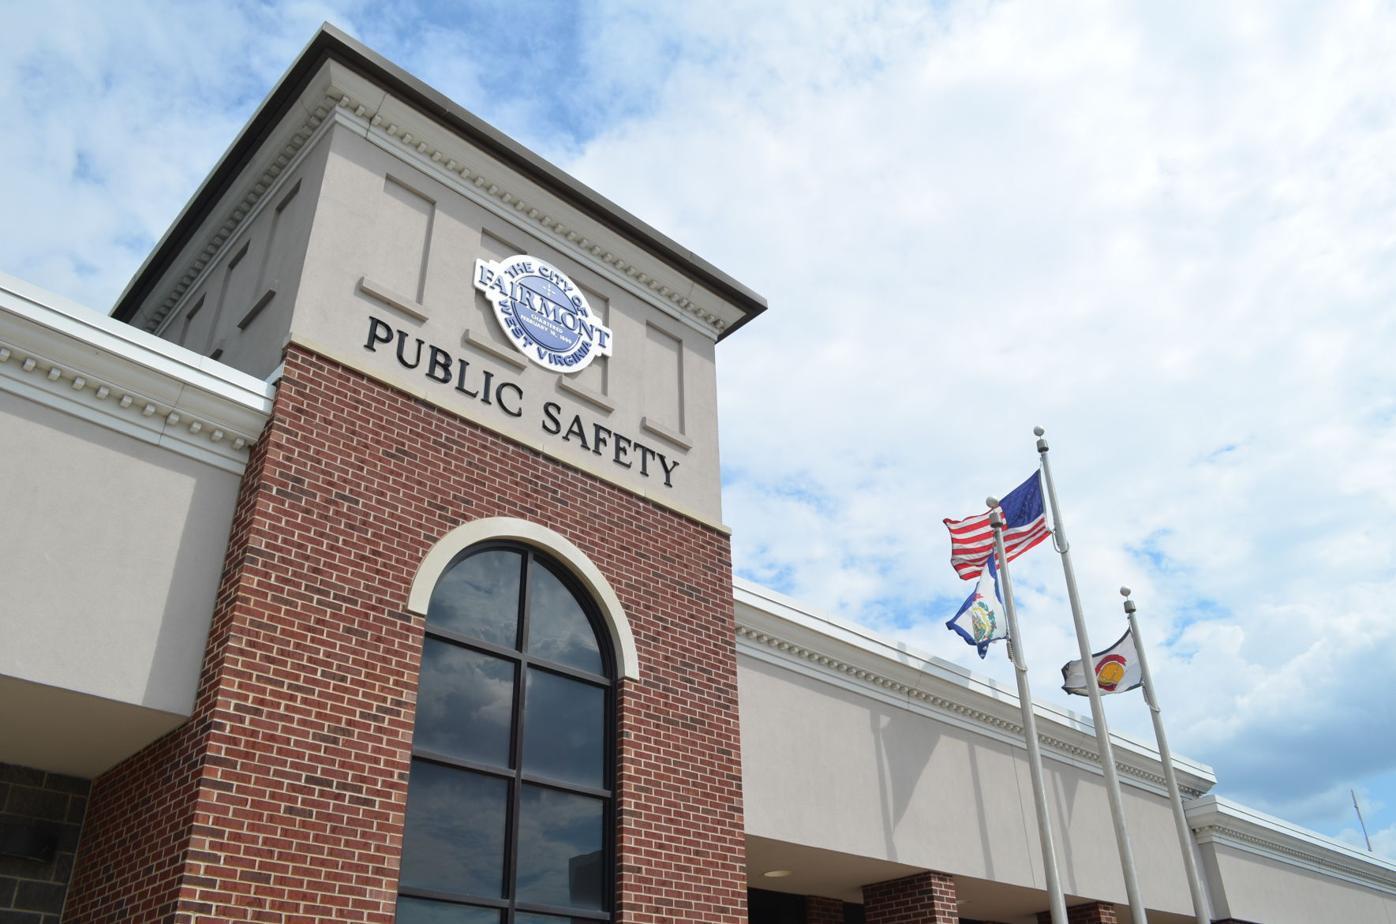 Fairmont Public Safety Building